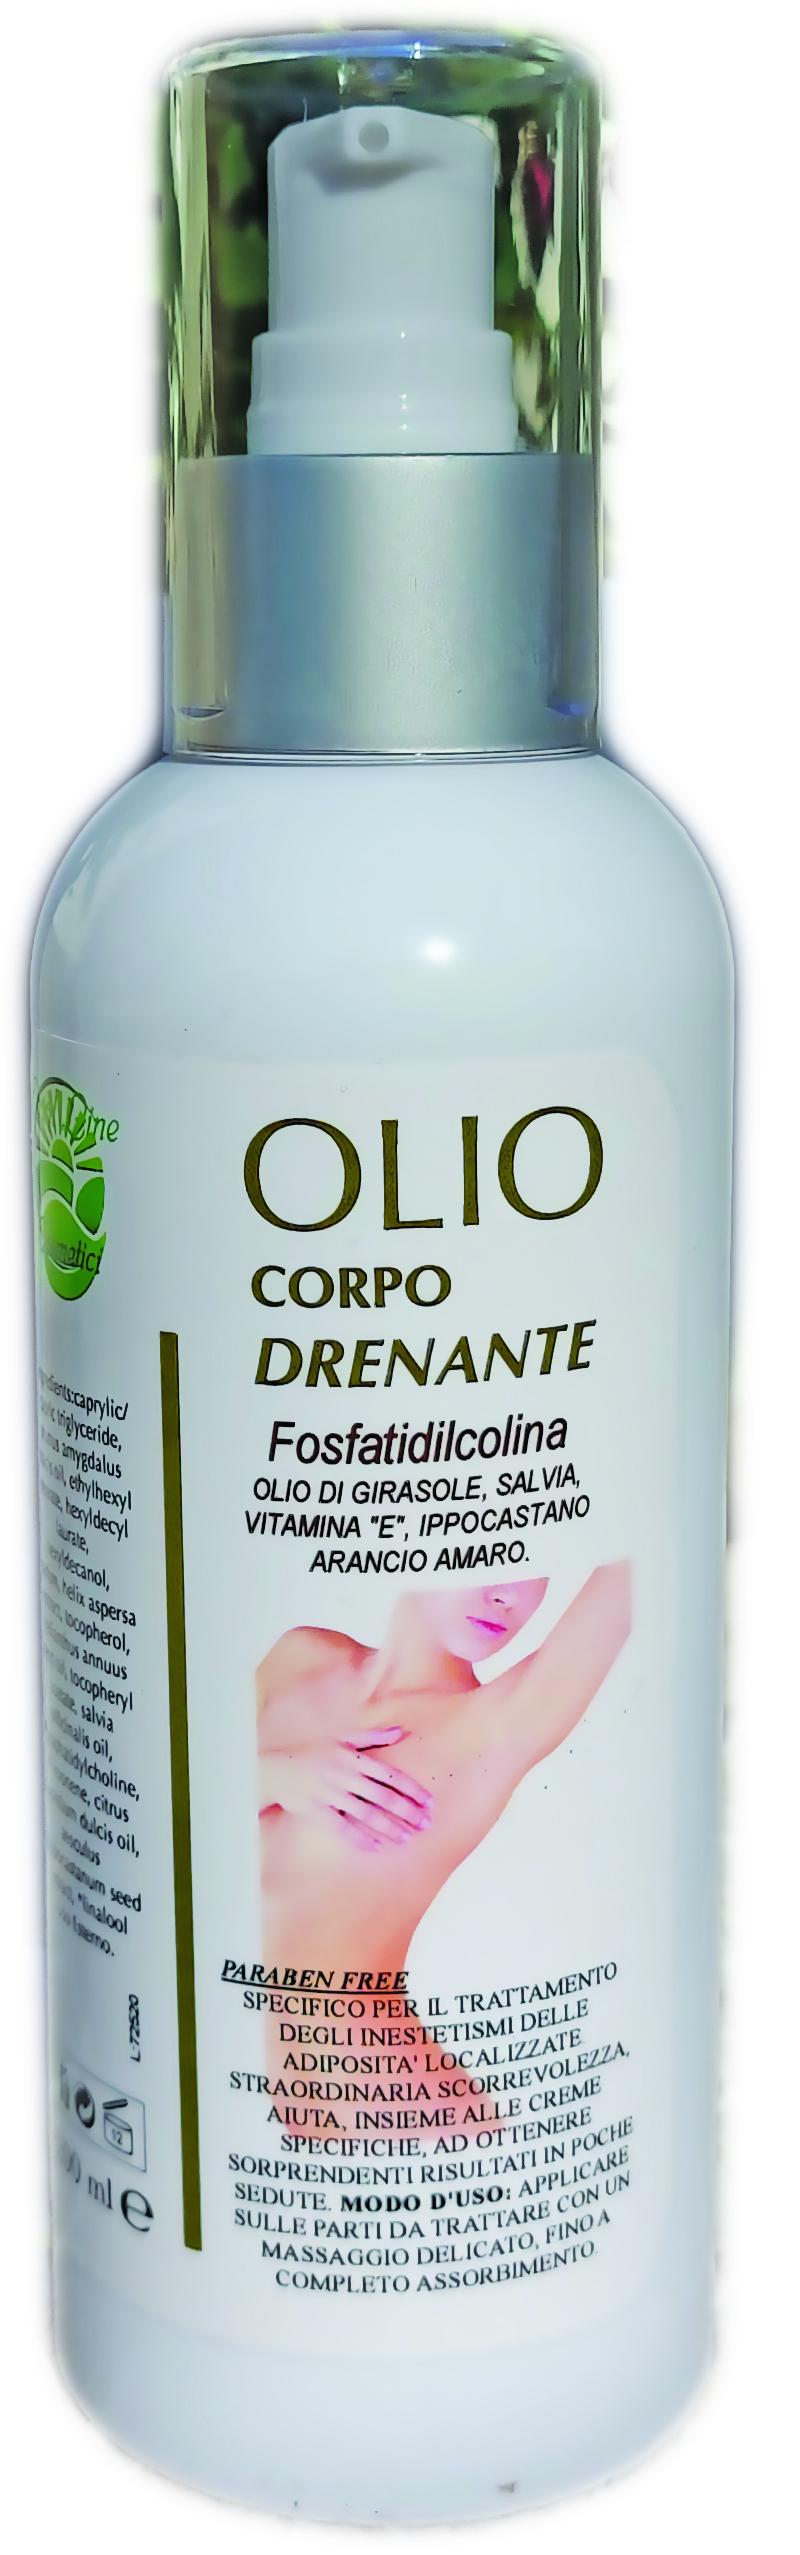 OLIO DRENANTE 200ml con FOSFATIDILCOLINA